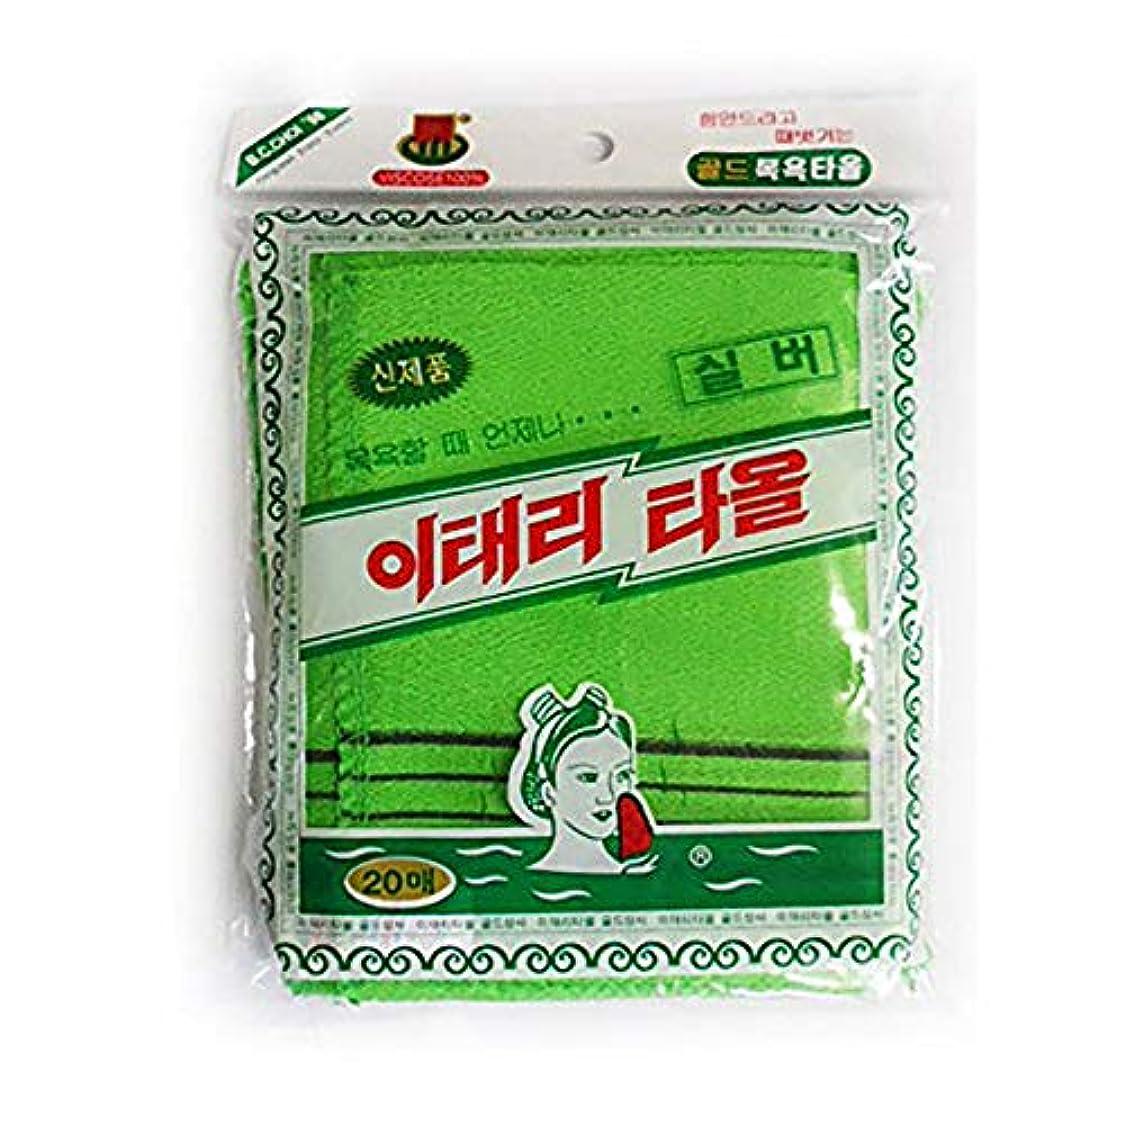 熟す接辞モノグラフアカスリタオル (韓国式あかすりタオル) 20枚セット